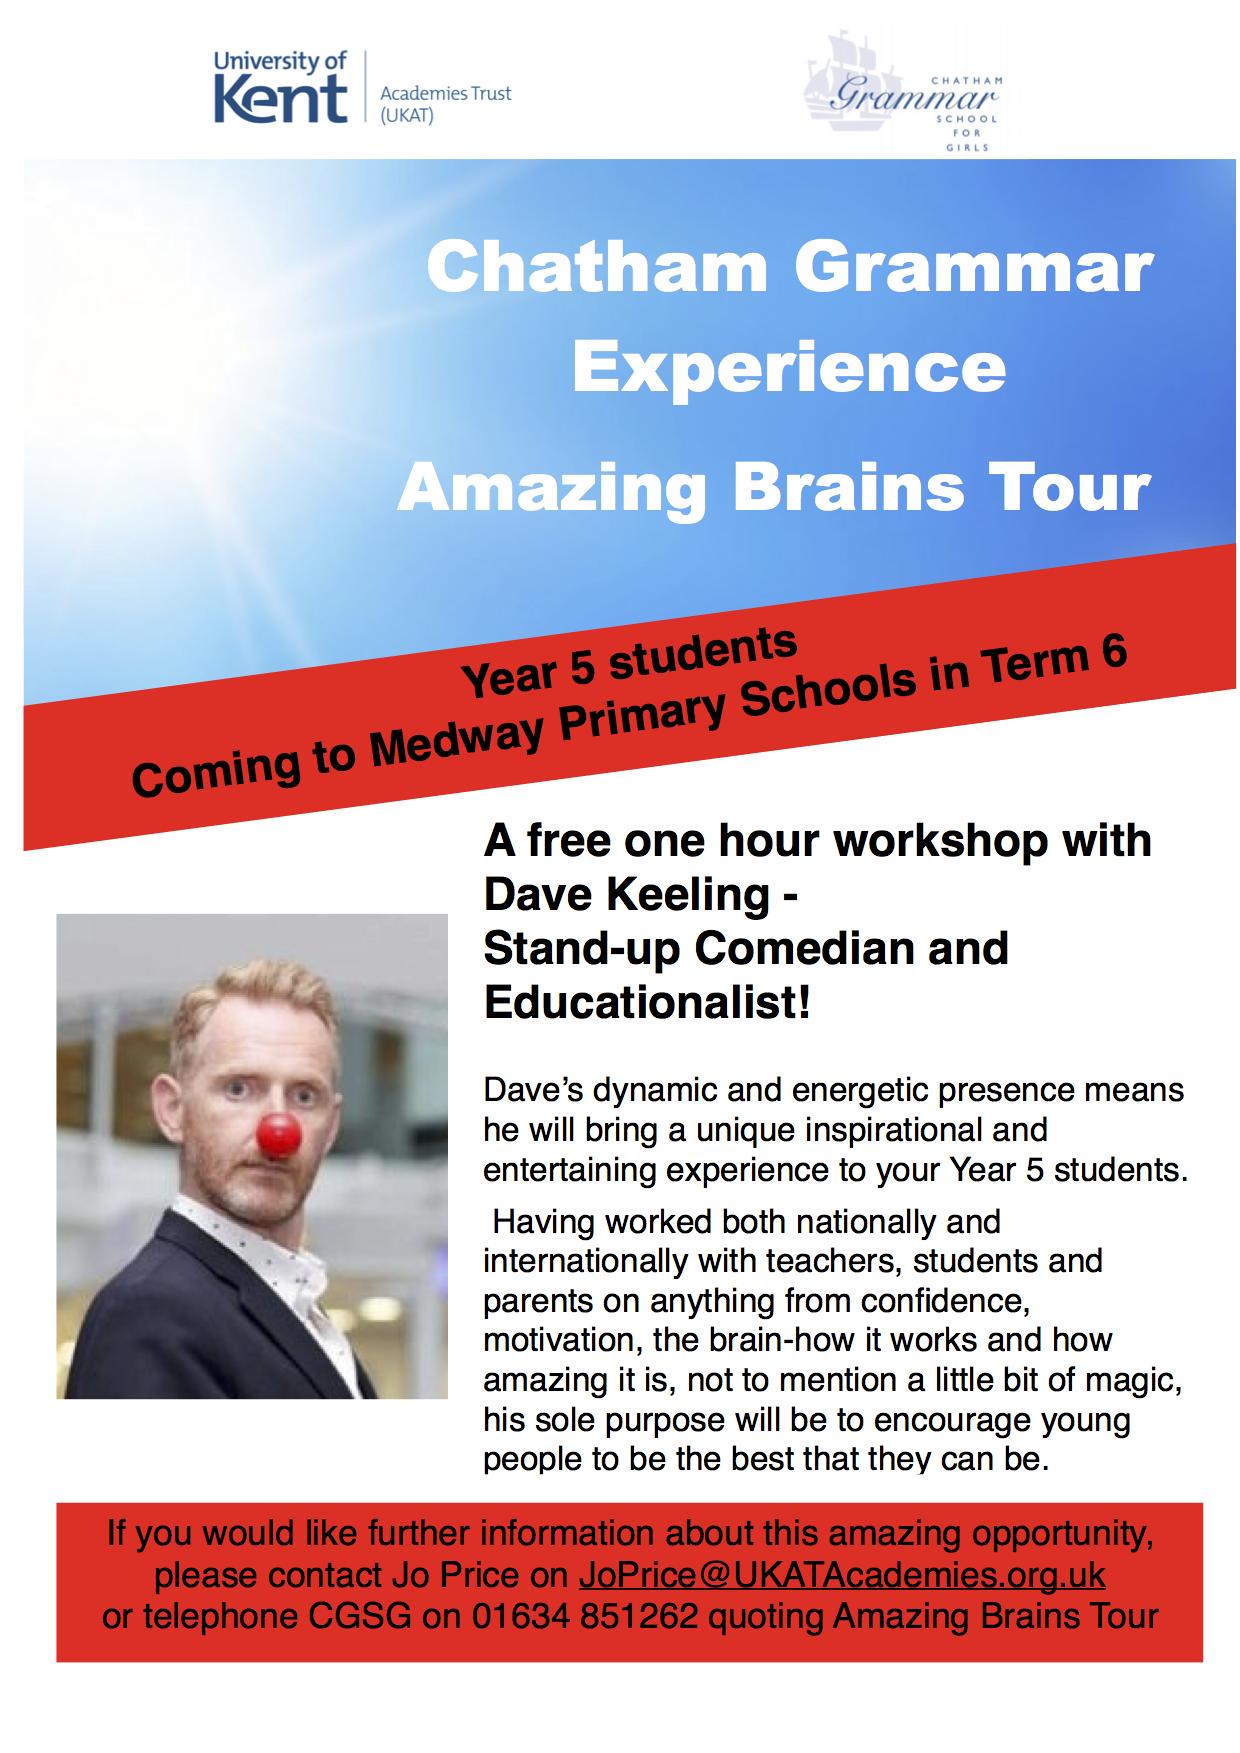 Amazing Brains Tour copy PDF.png